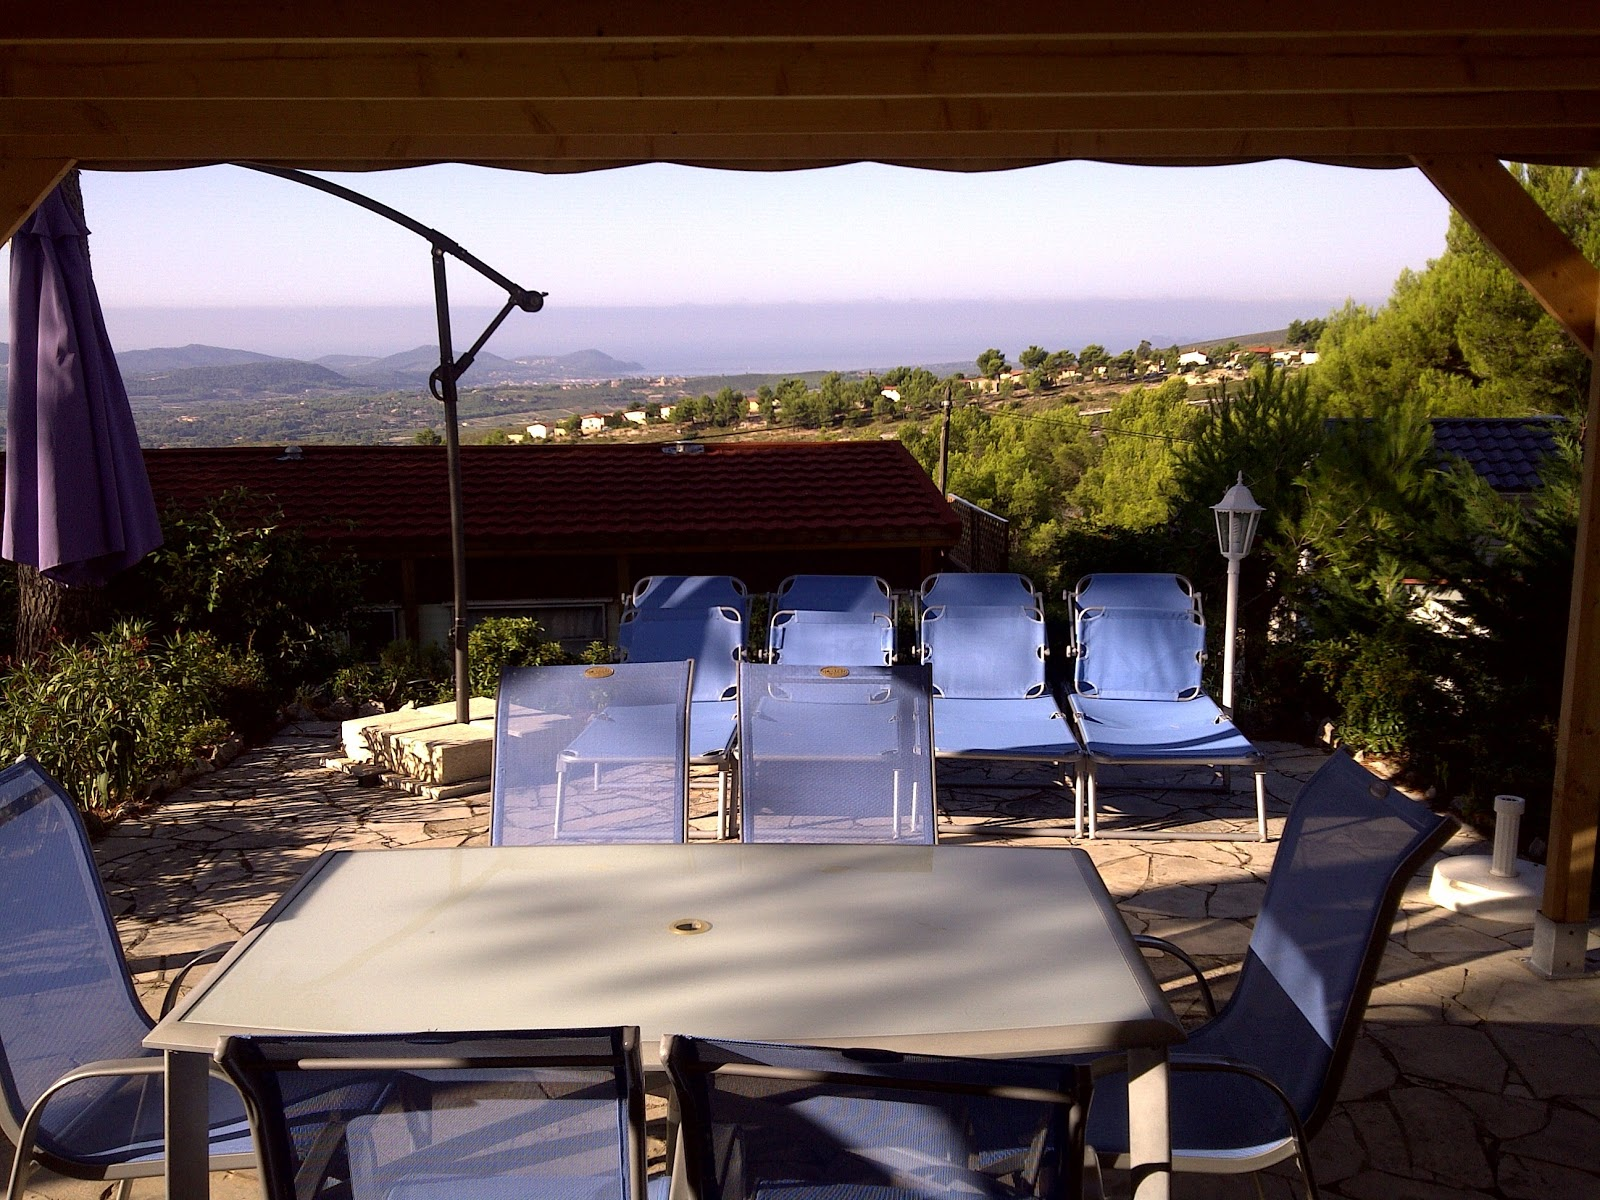 Vacances en region paca le castellet confort exterieur for Jardinet en anglais